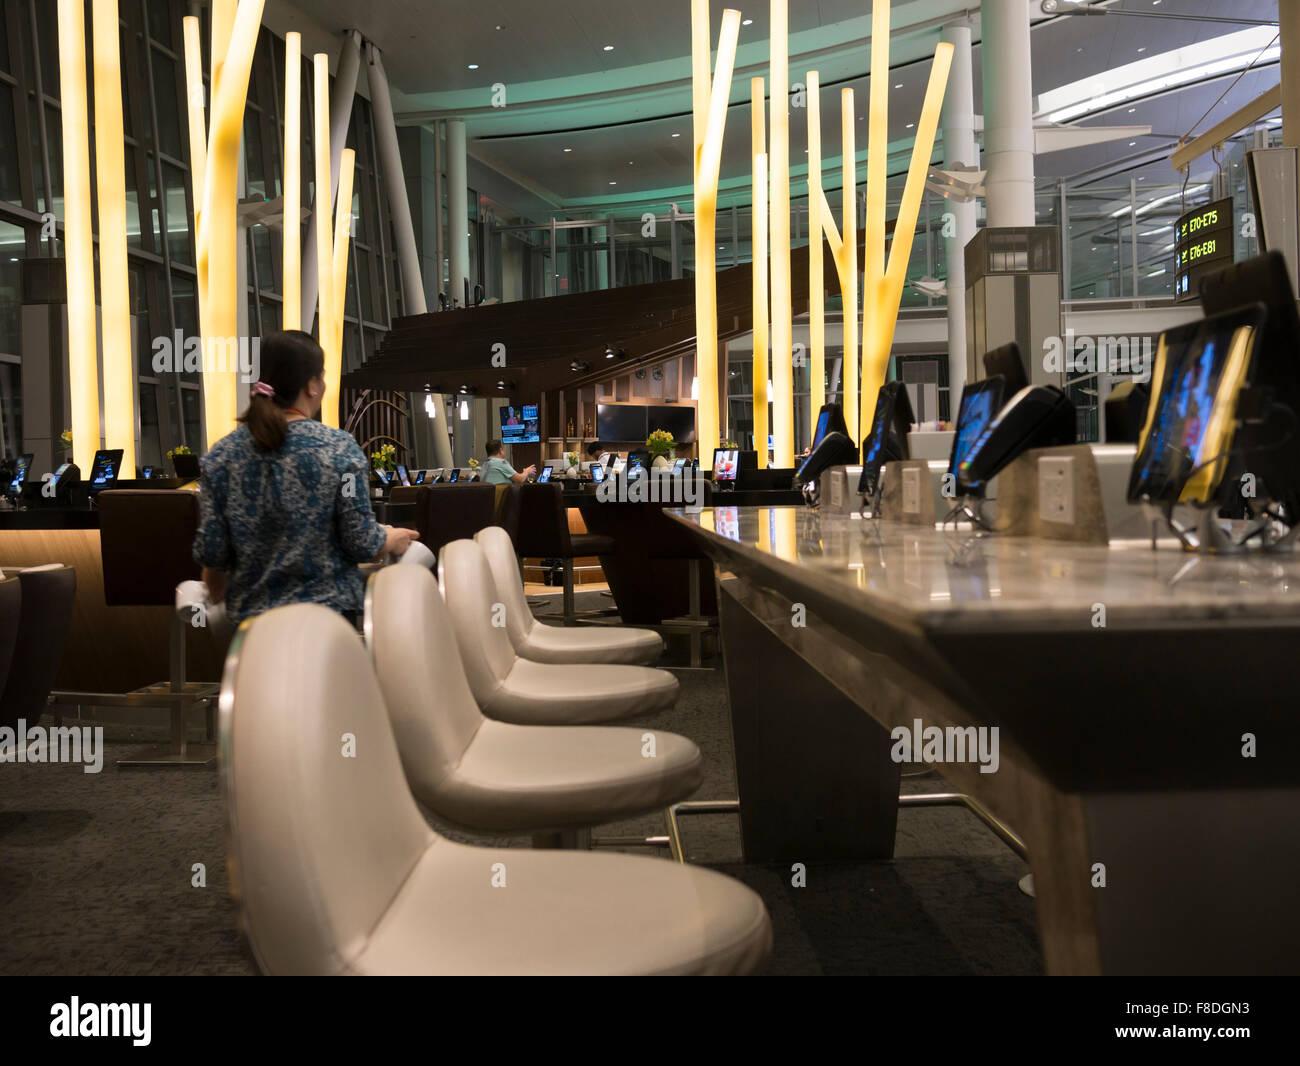 Aéroport international de Toronto terminal 1 salon de restauration de départ; tables modernes et de salle à manger Banque D'Images